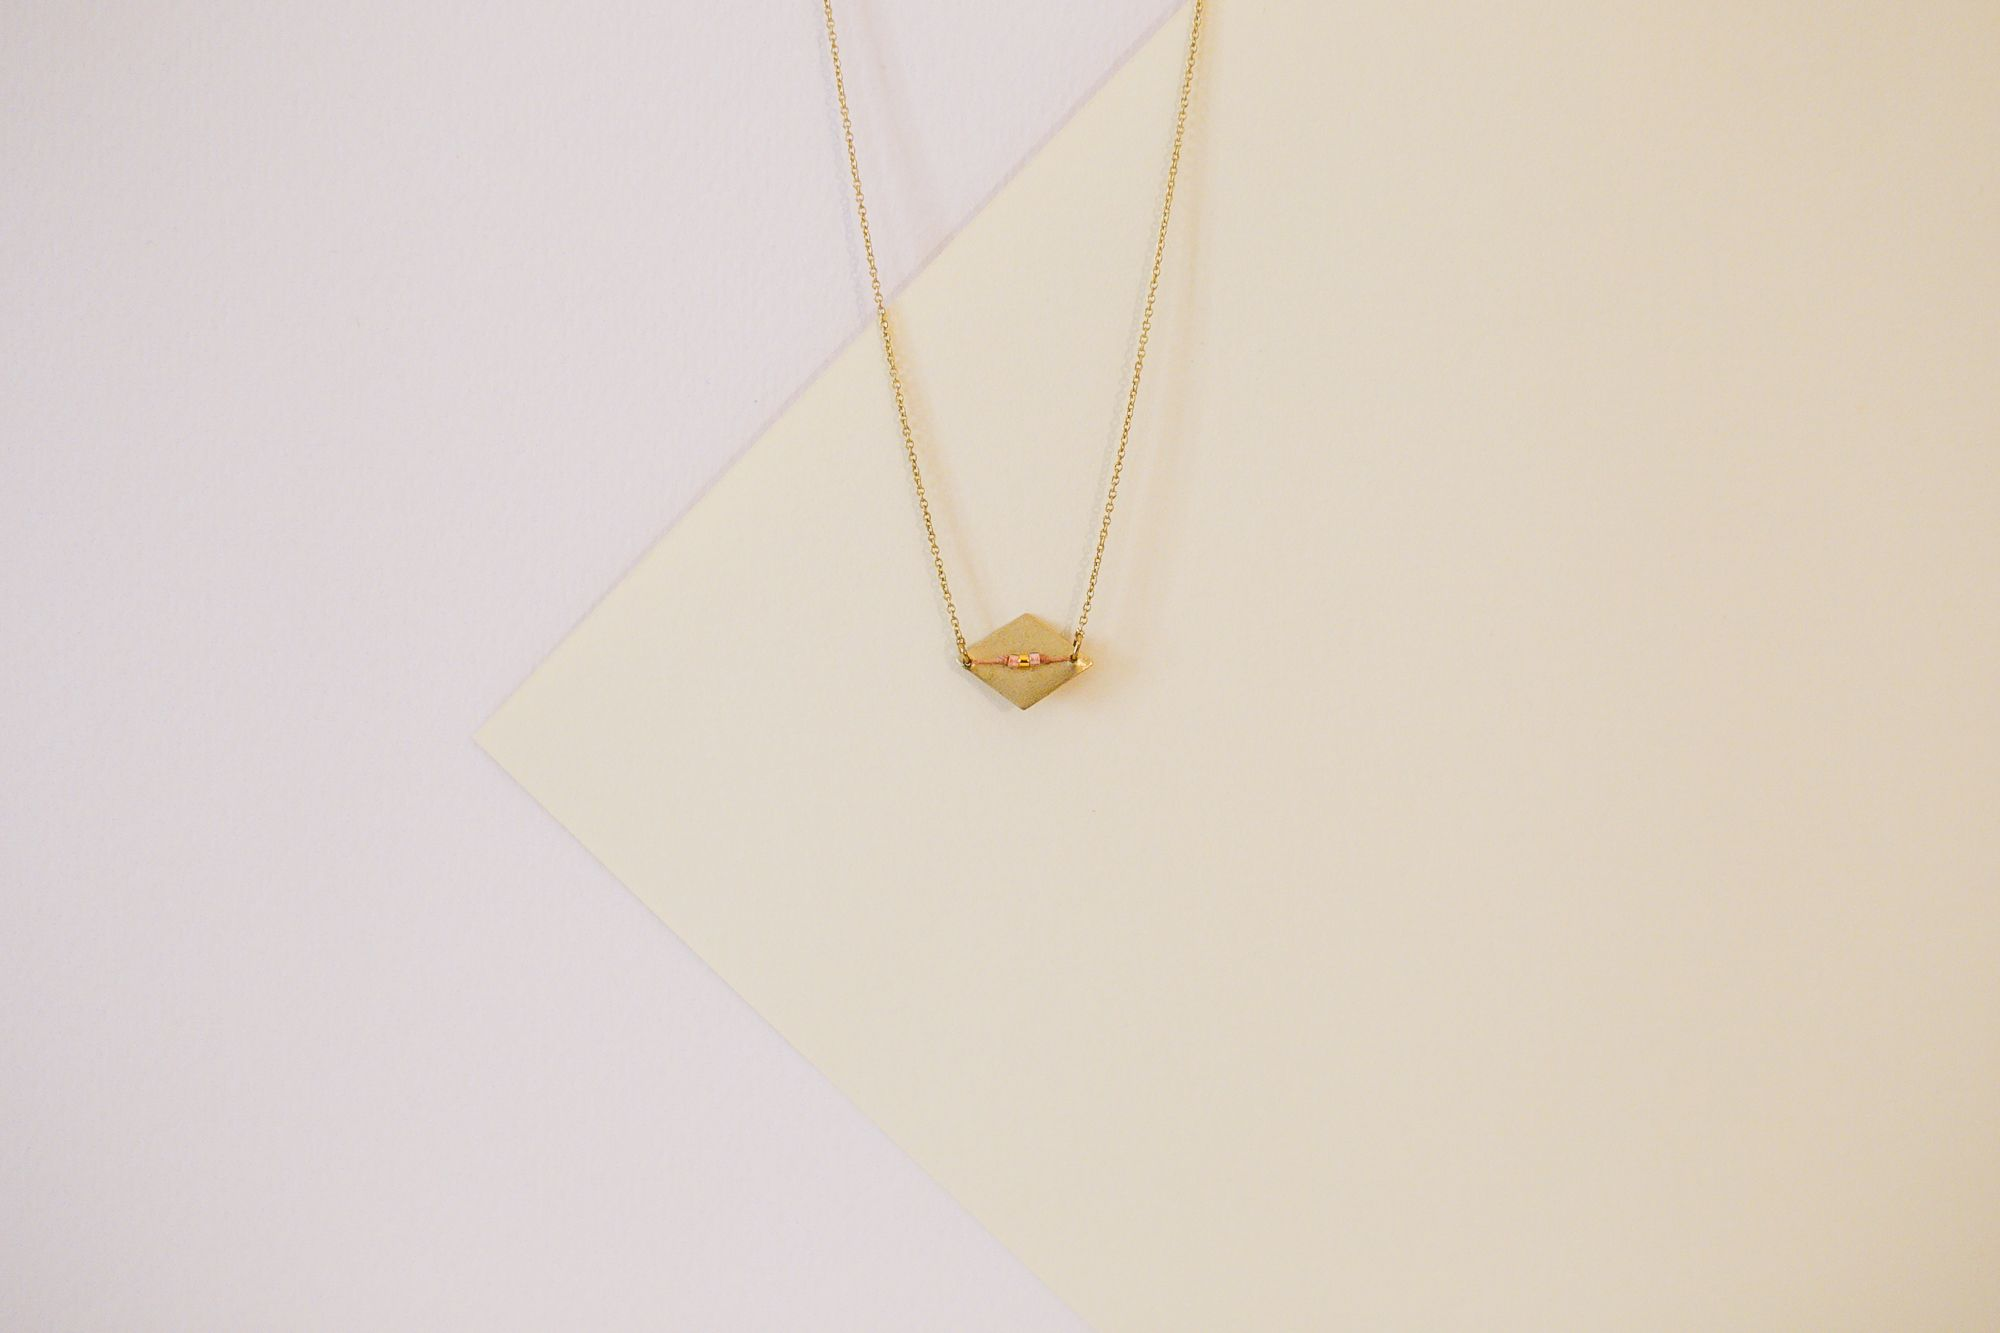 Collier DIARRA Les bijoux de Lu Crédit Photo: @margotmchn